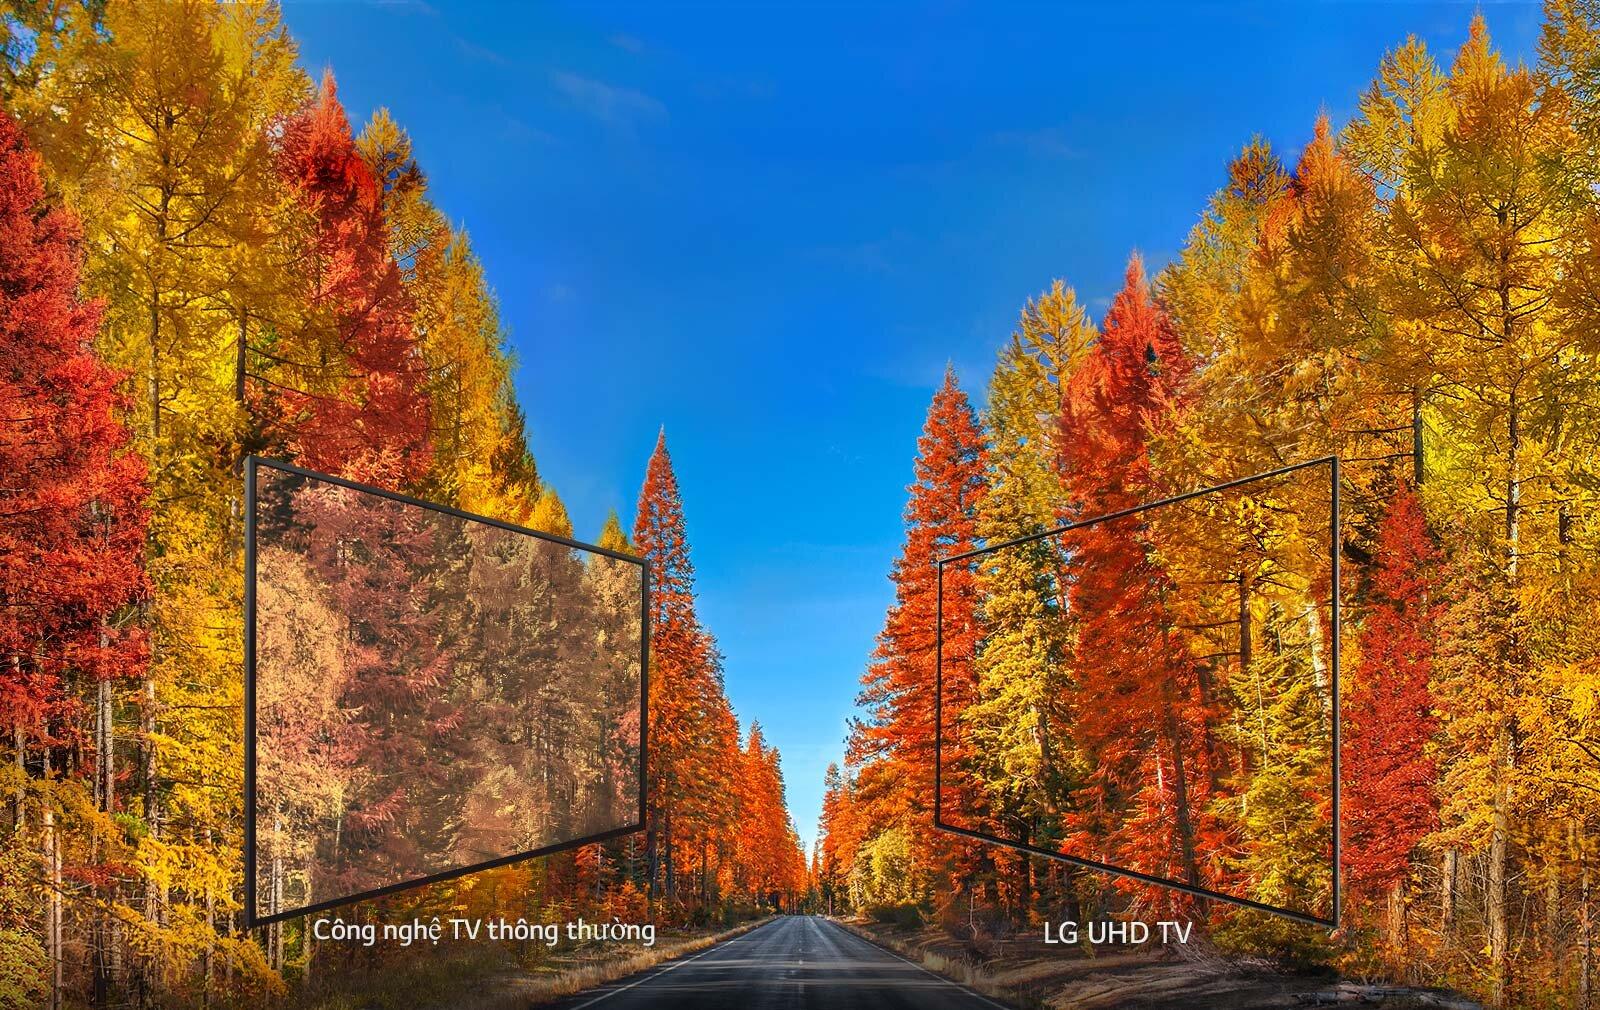 Minh họa độ sắc nét của hình ảnh hiển thị trên tivi LG 43UK6540PTD